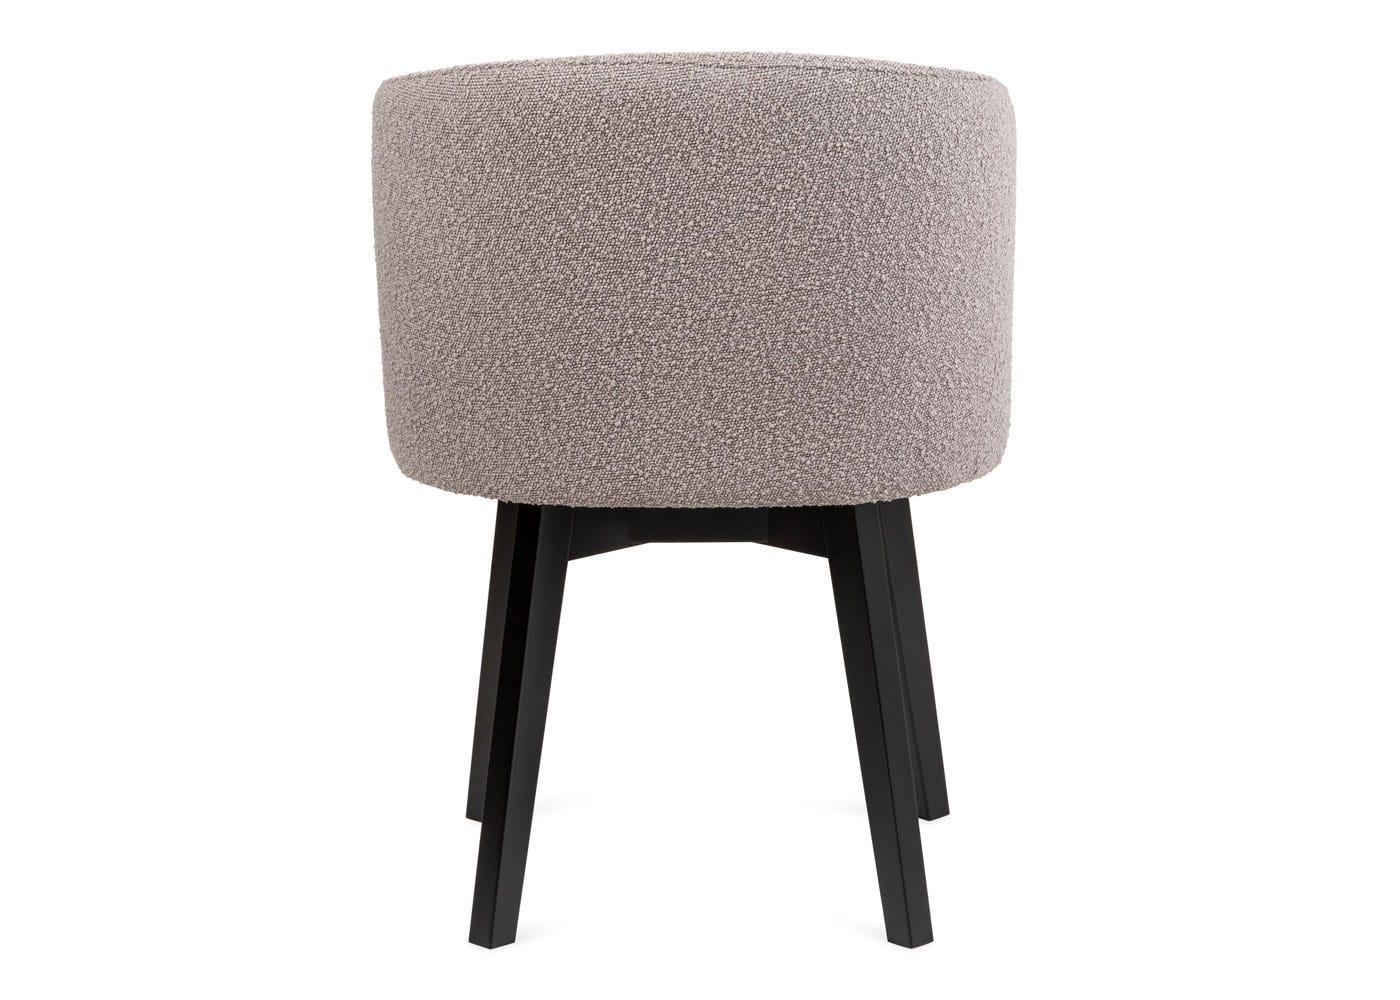 As shown: Edit swivel office chair copenhagen grey black stain leg - Rear profile.